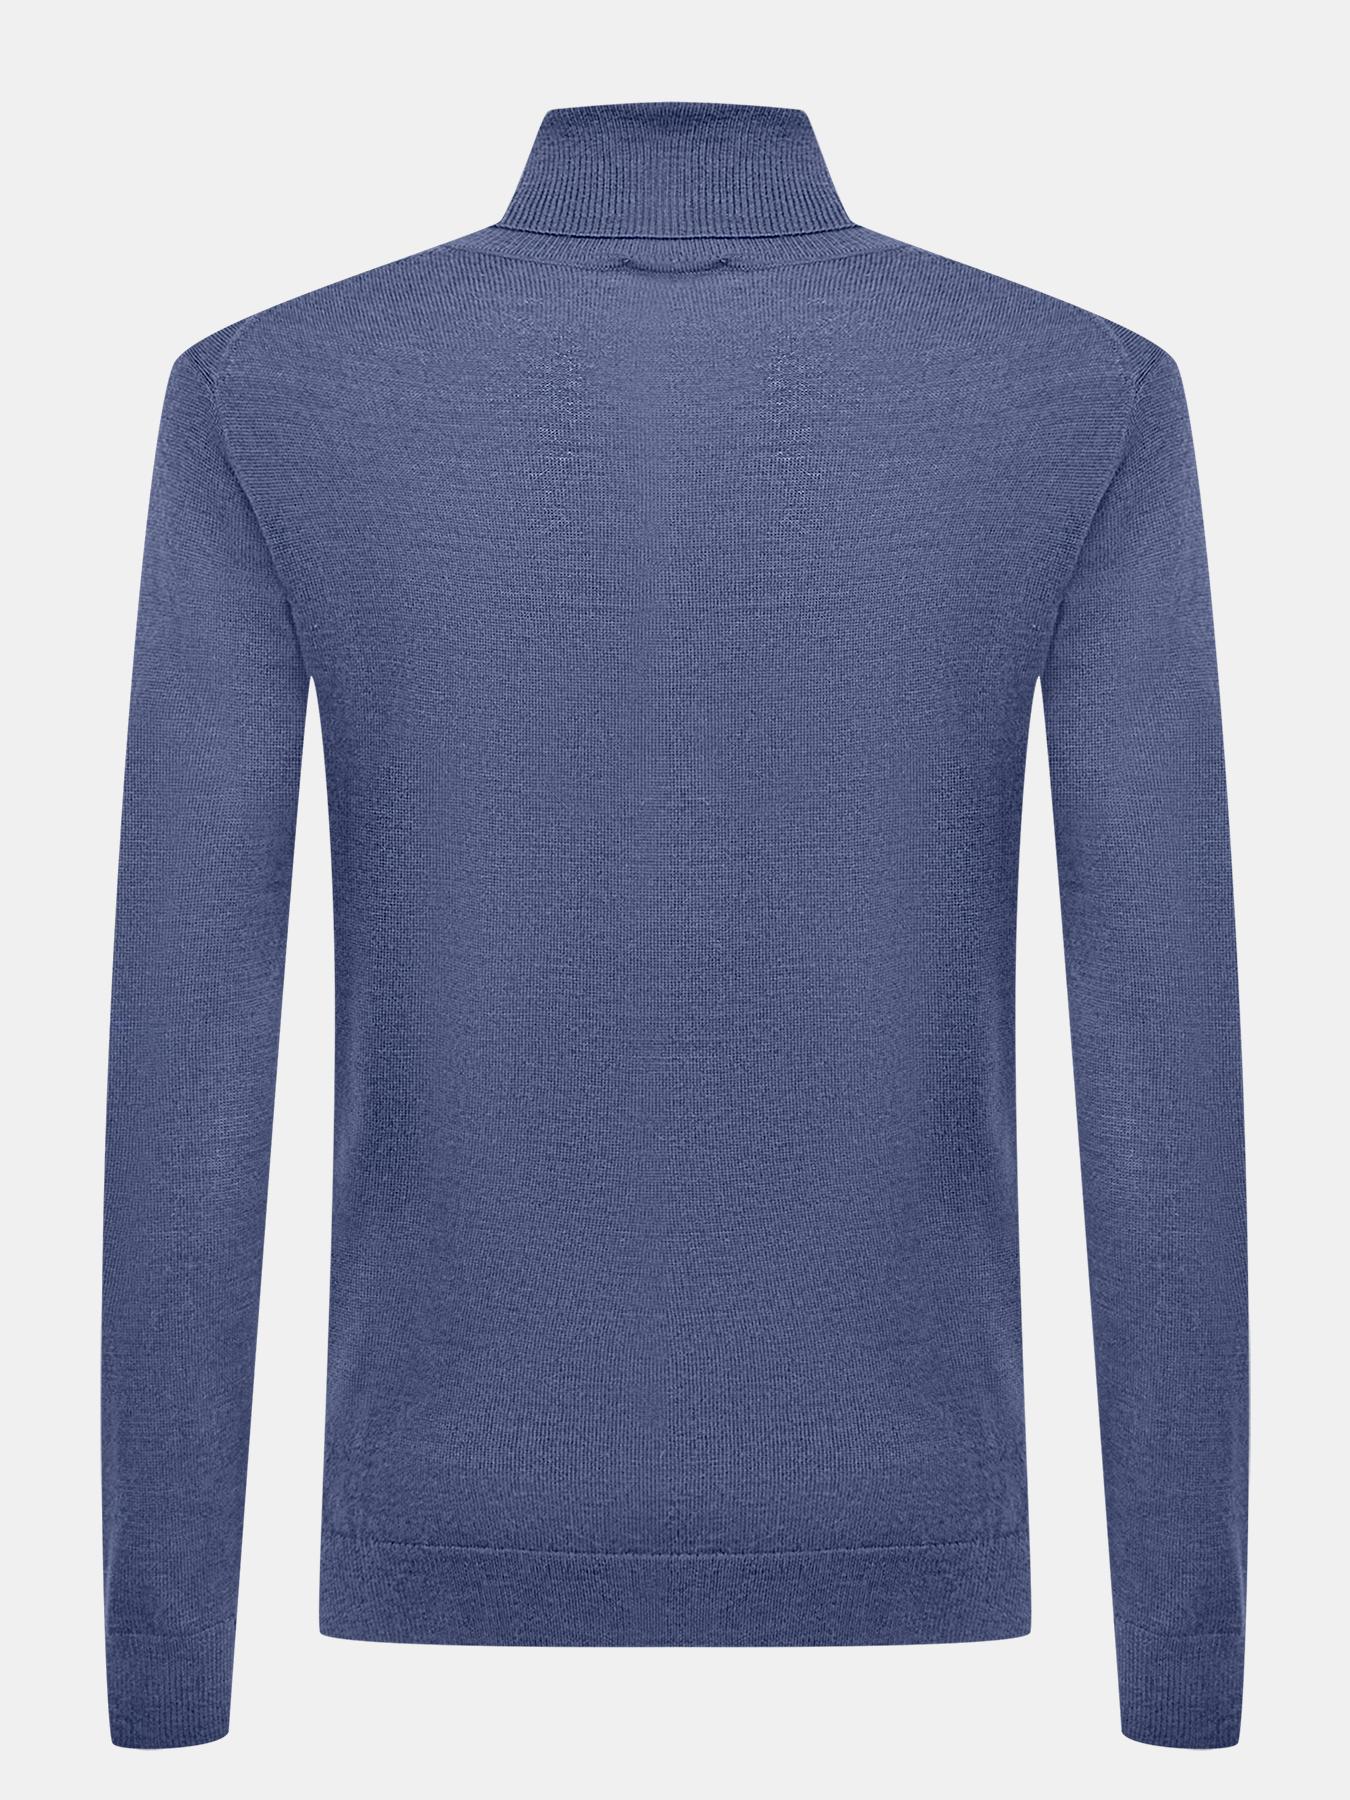 Свитер Alessandro Manzoni Jeans Водолазка водолазка cross jeans